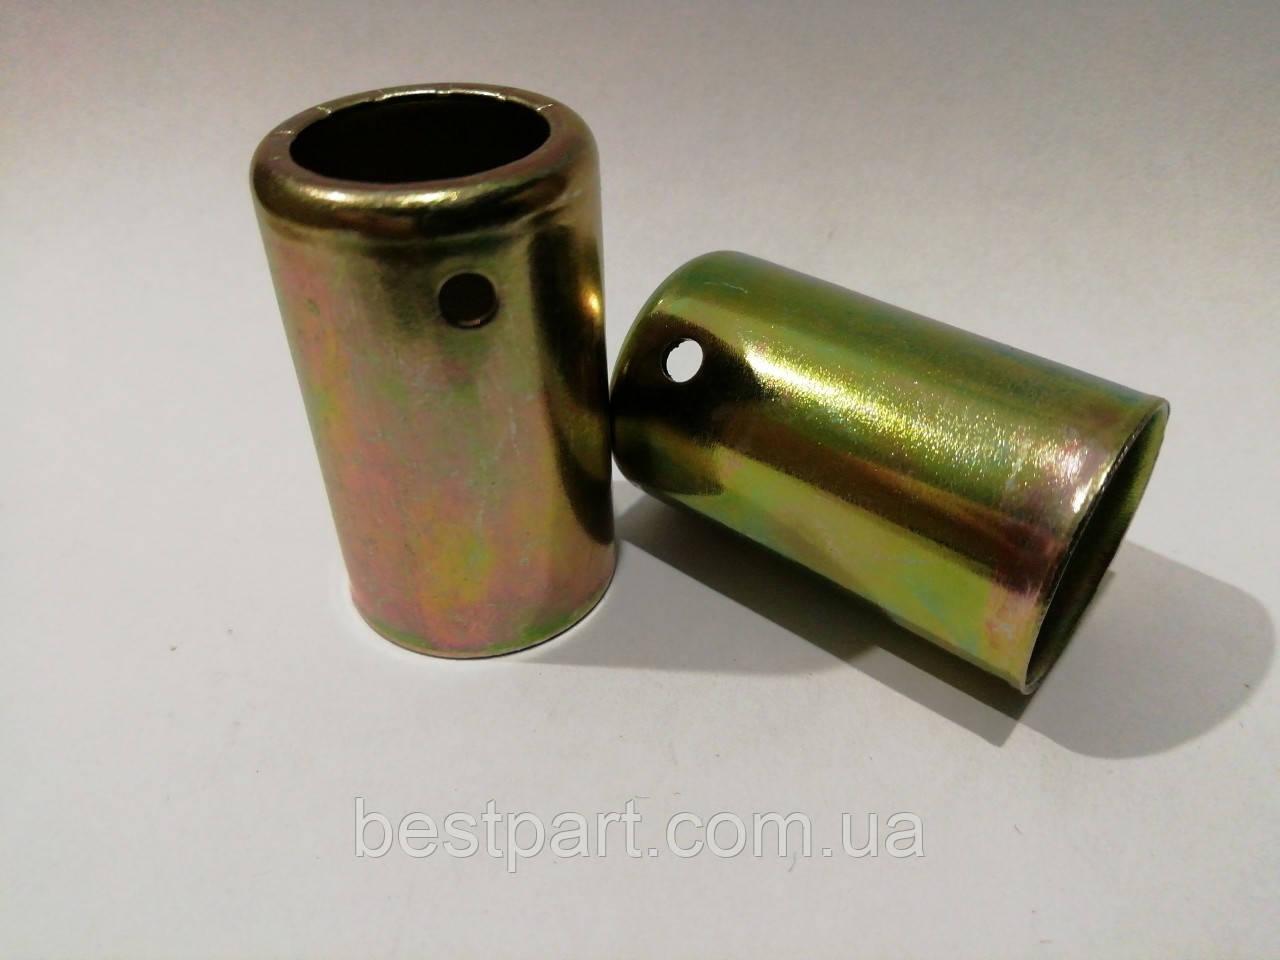 Стакан фітінга №12 сталь (тонкостінний)